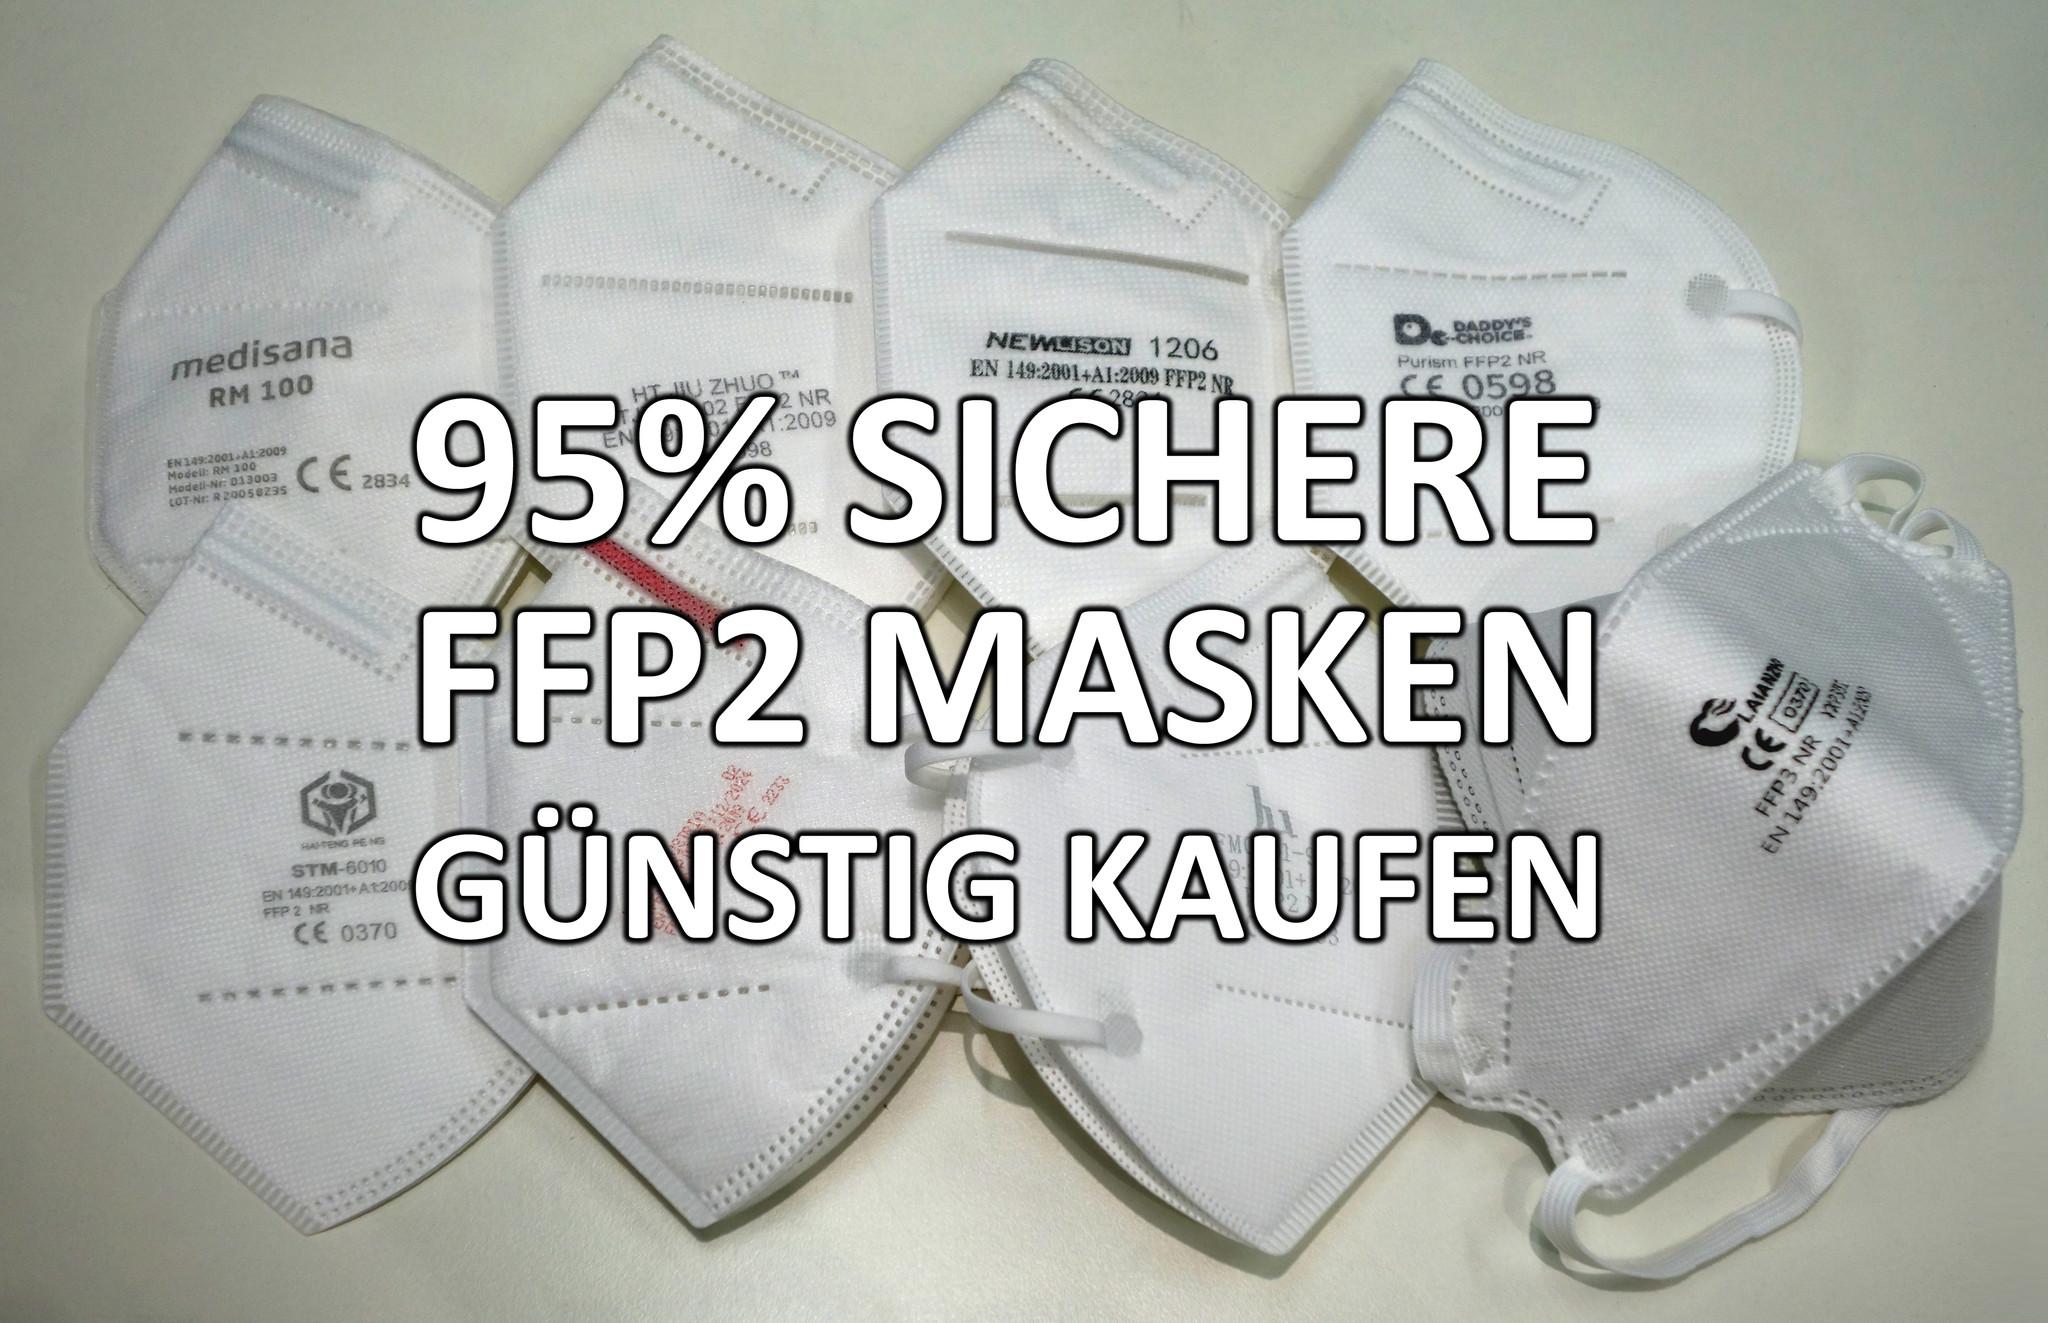 sichere CE FFP2 Masken günstig kaufen Wien Atemschutzmaske kaufen günstige FFP2 Maske Wien 1030 Landstrassse_92